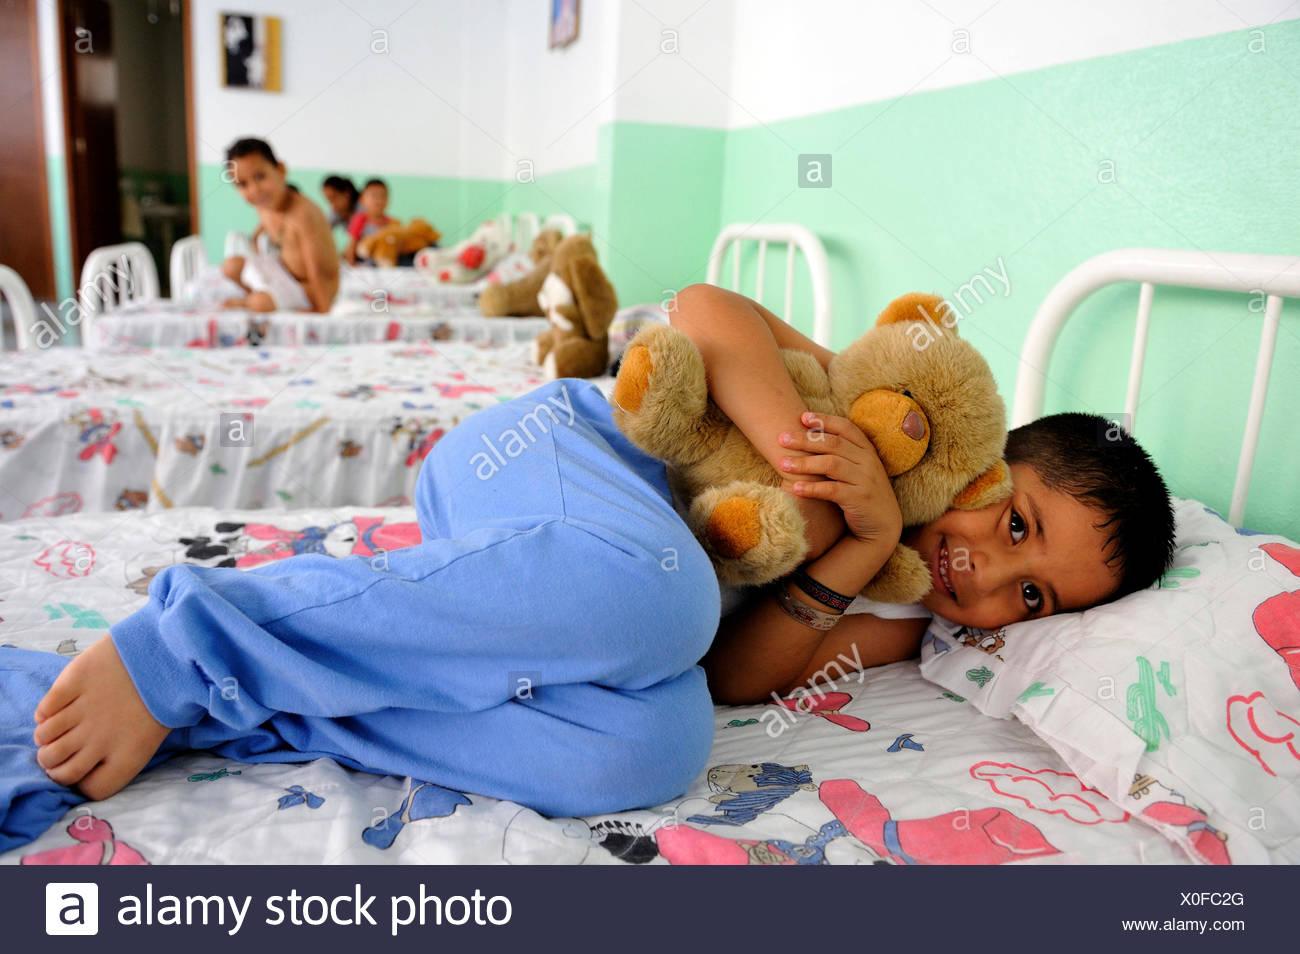 Ragazzo con un grosso orso di peluche sul suo letto nel dormitorio di un orfanotrofio, Queretaro, Messico, America del Nord e America Latina Immagini Stock